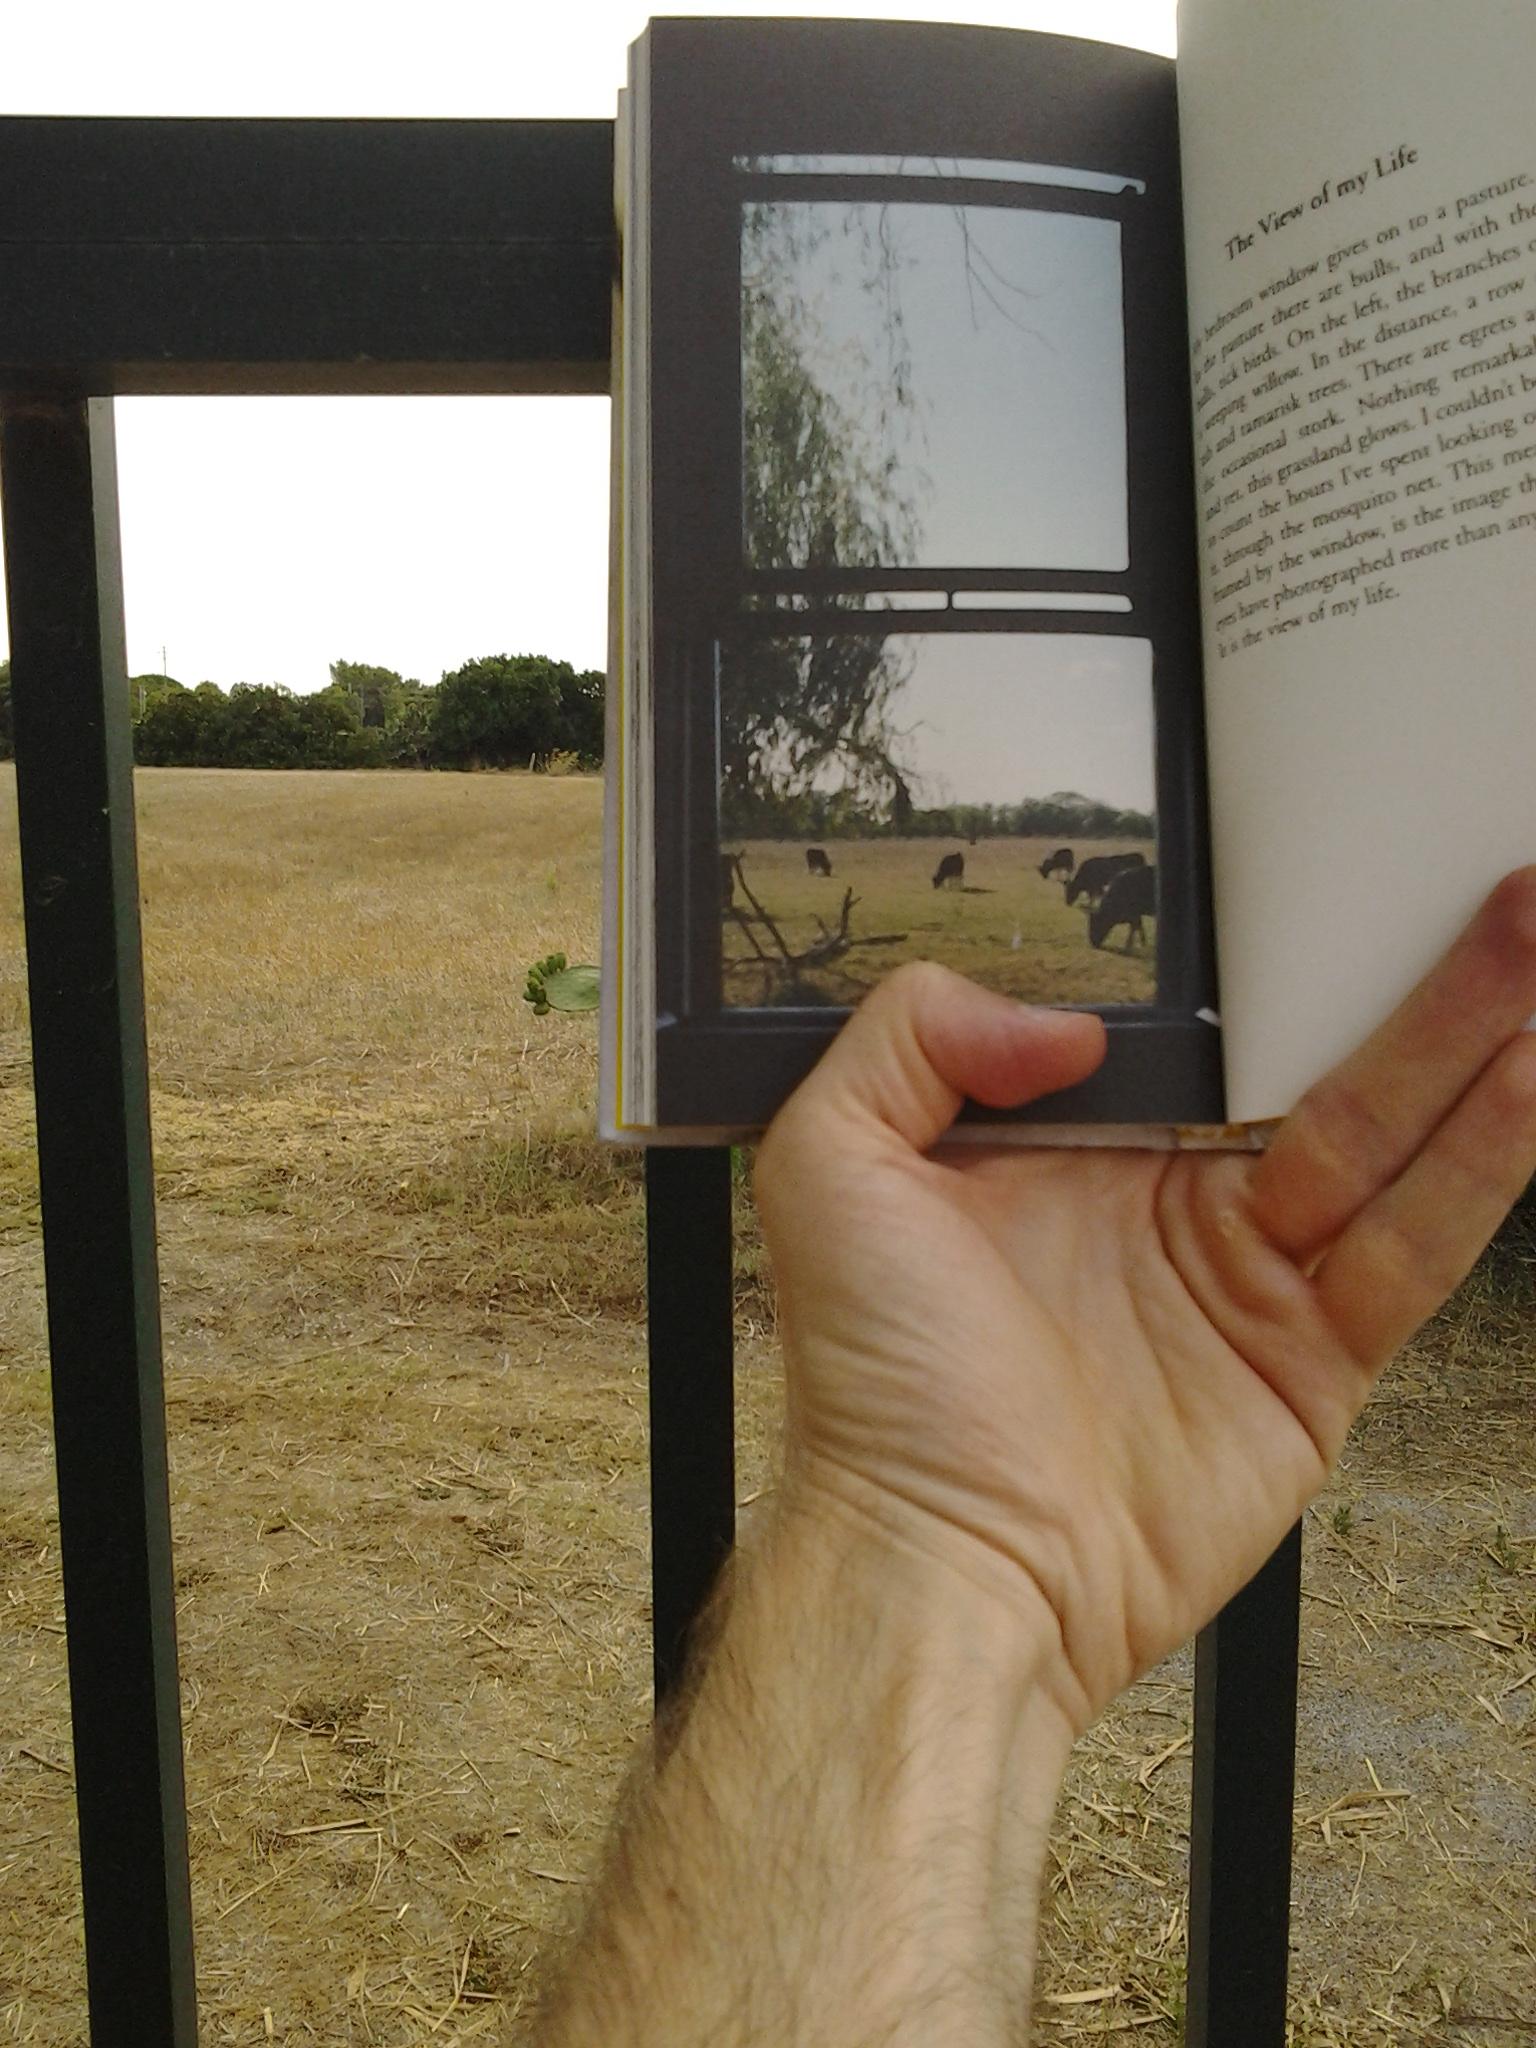 Mediateca del Mediterraneo a Cagliari dal 7 aprile al 30 giugno 2016 BookStop_libri con figura rappresentazioni della figura umana nell'arte contemporanea.